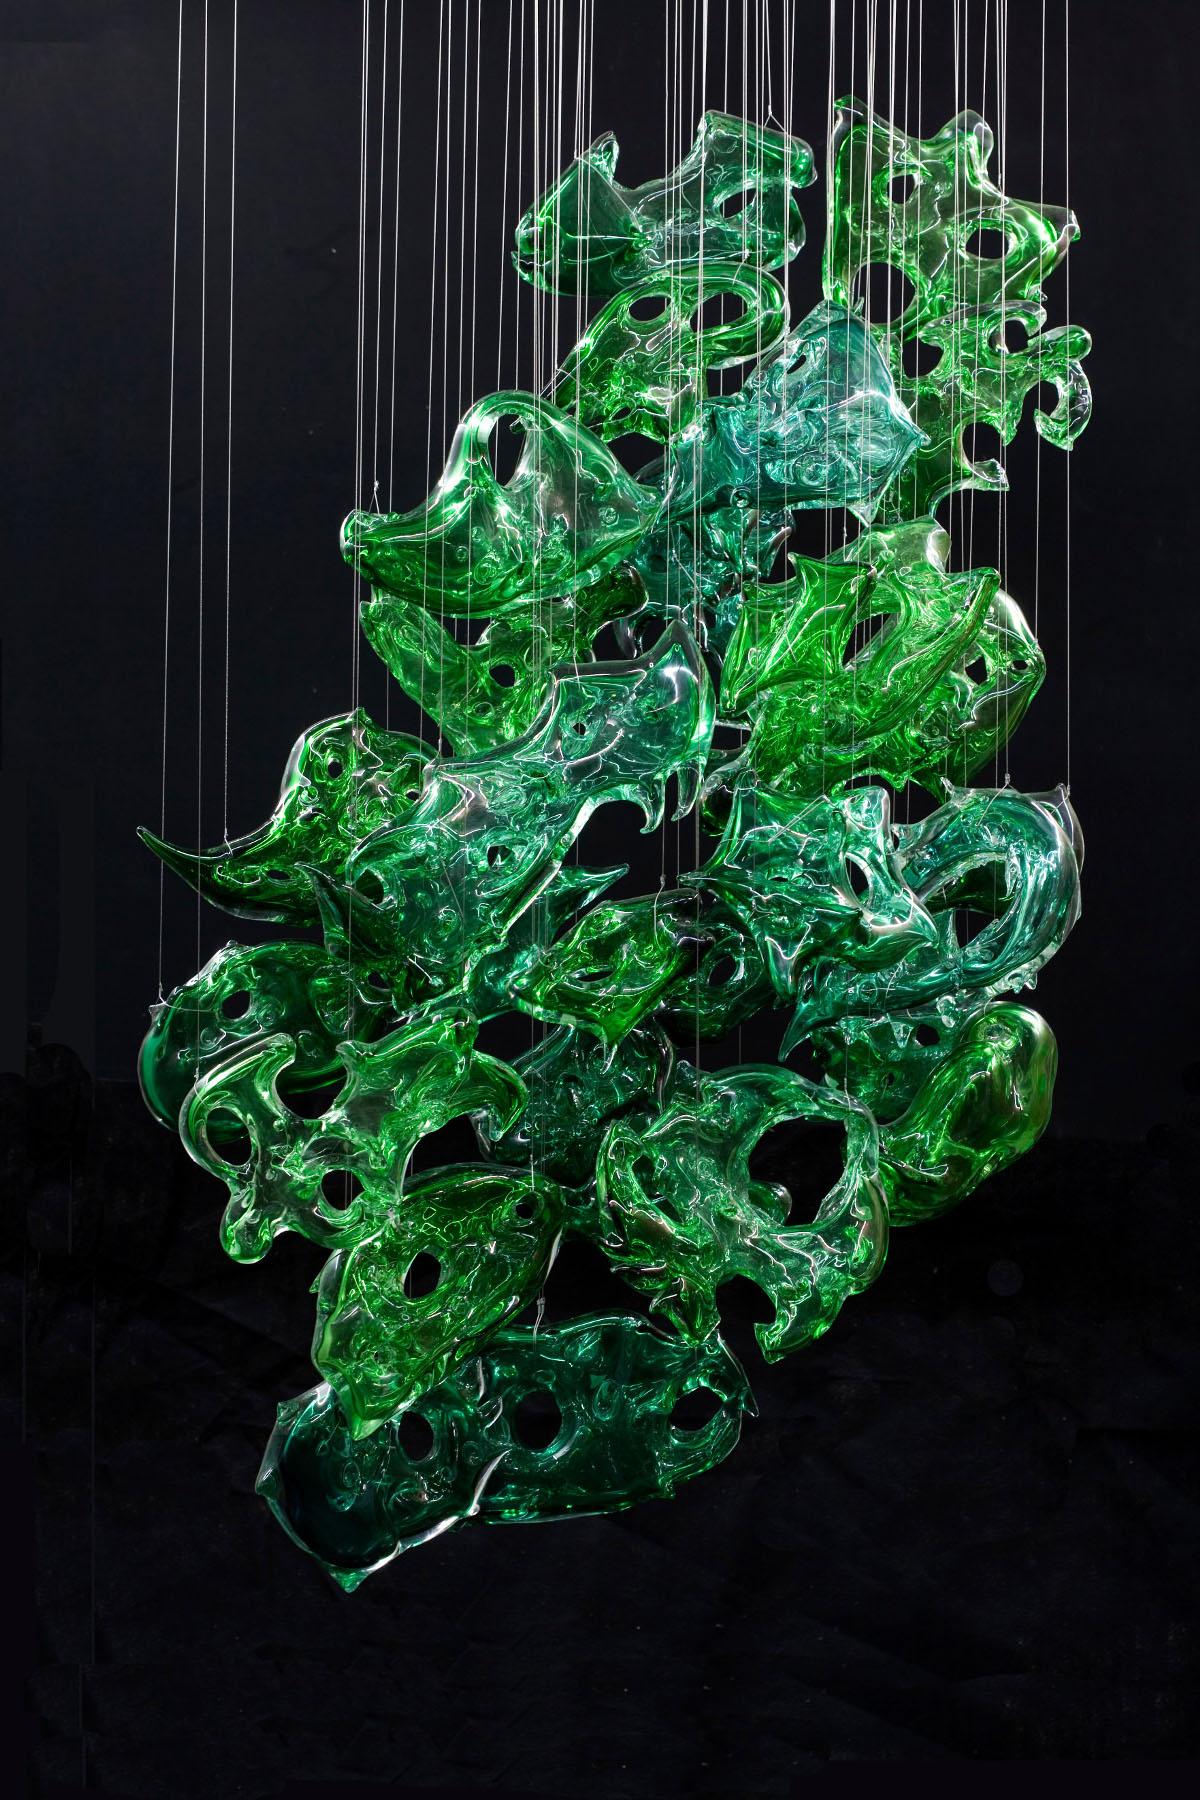 Zhan Wang - Scholar's Rocks 2